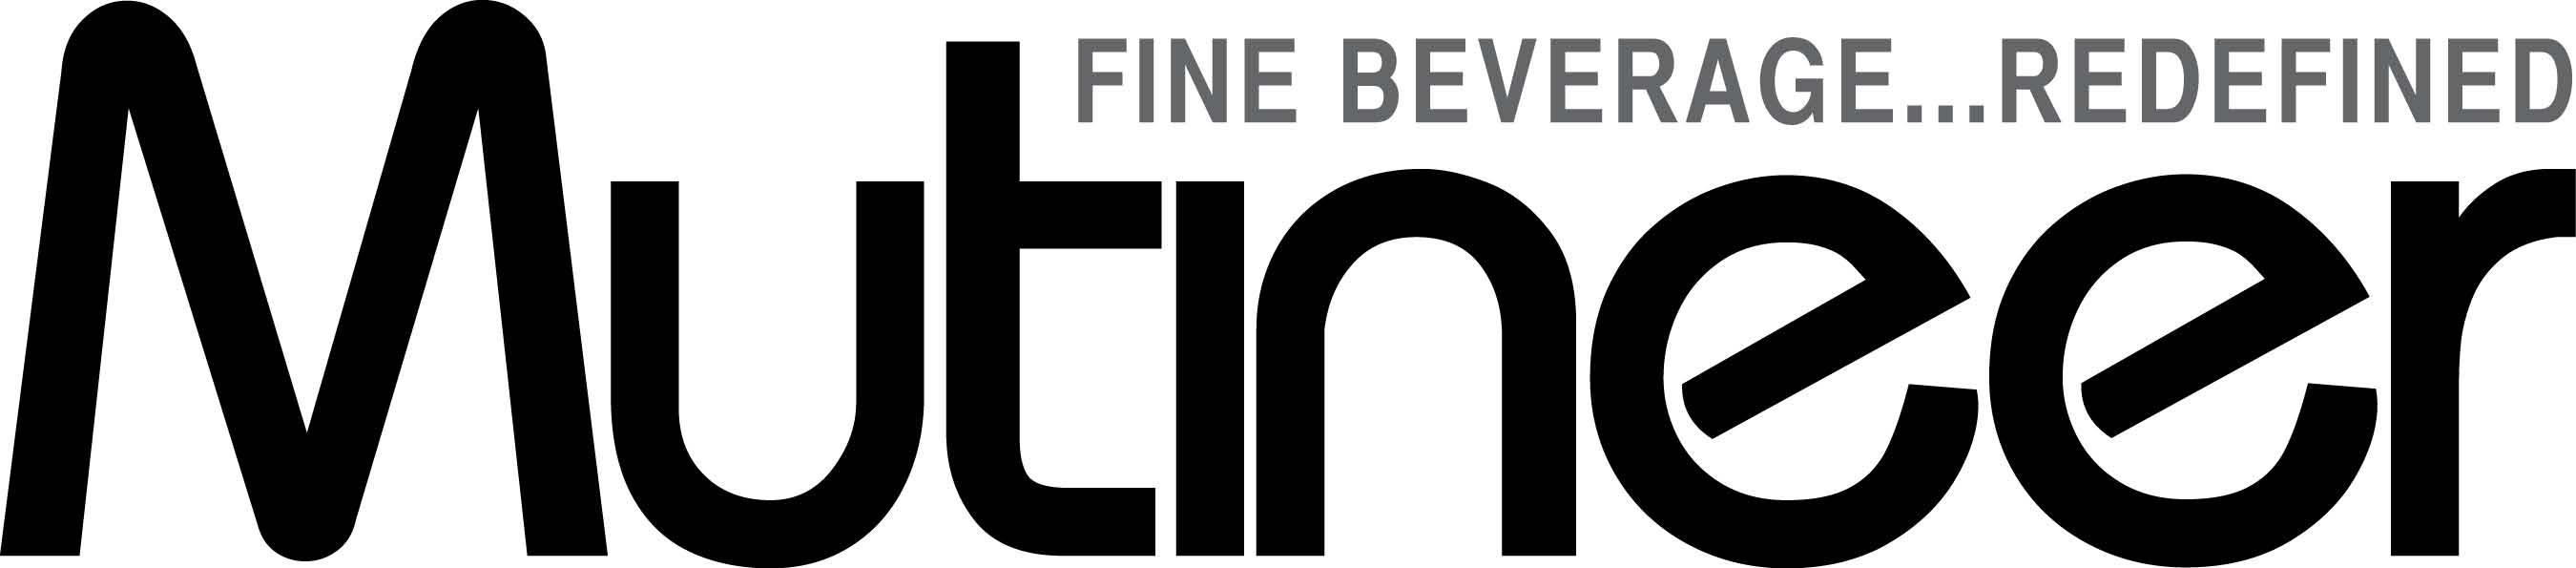 Mutineer logo